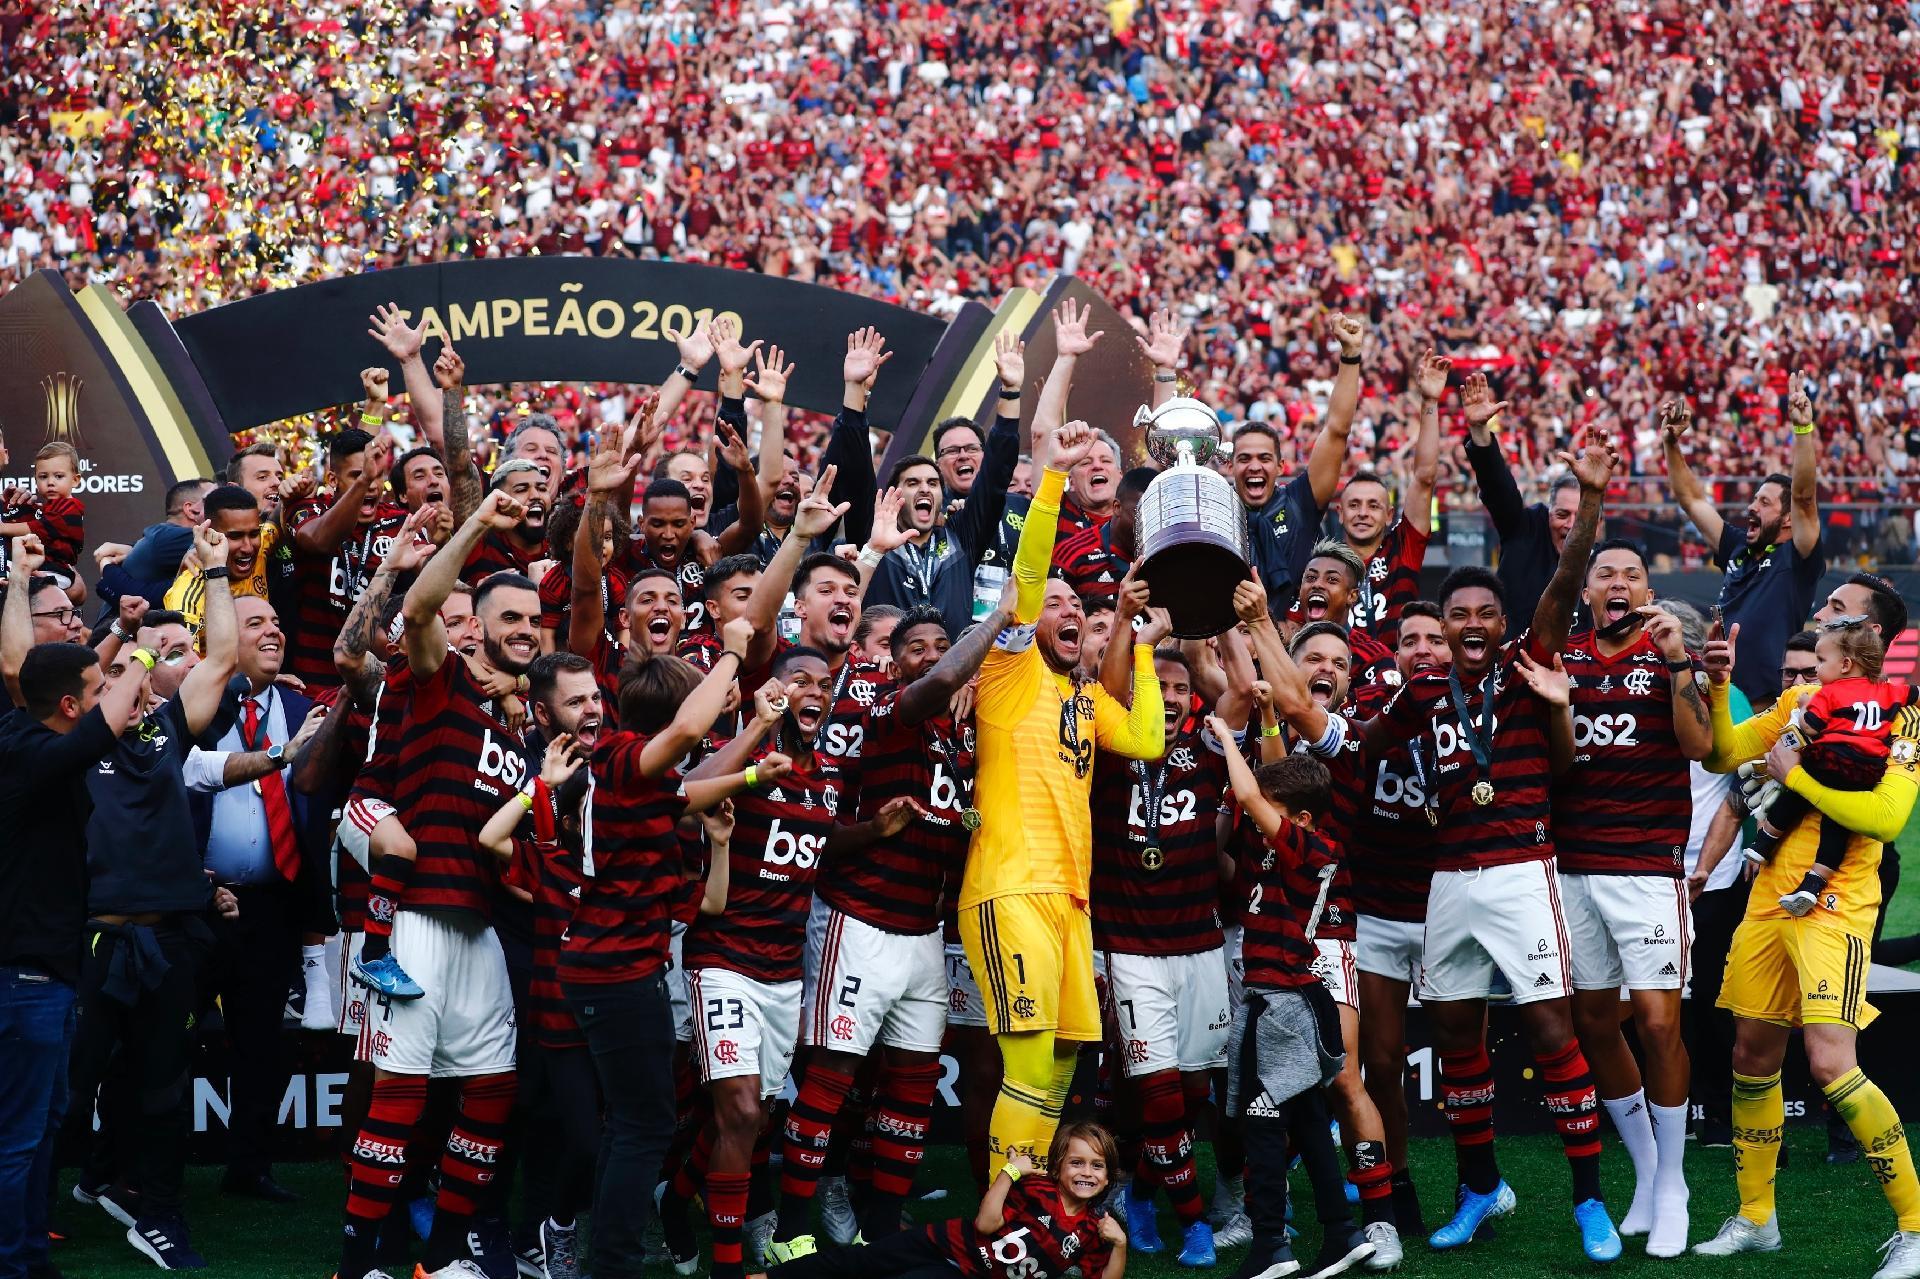 Flamengo perde para o Santos em fim de temporada histórica